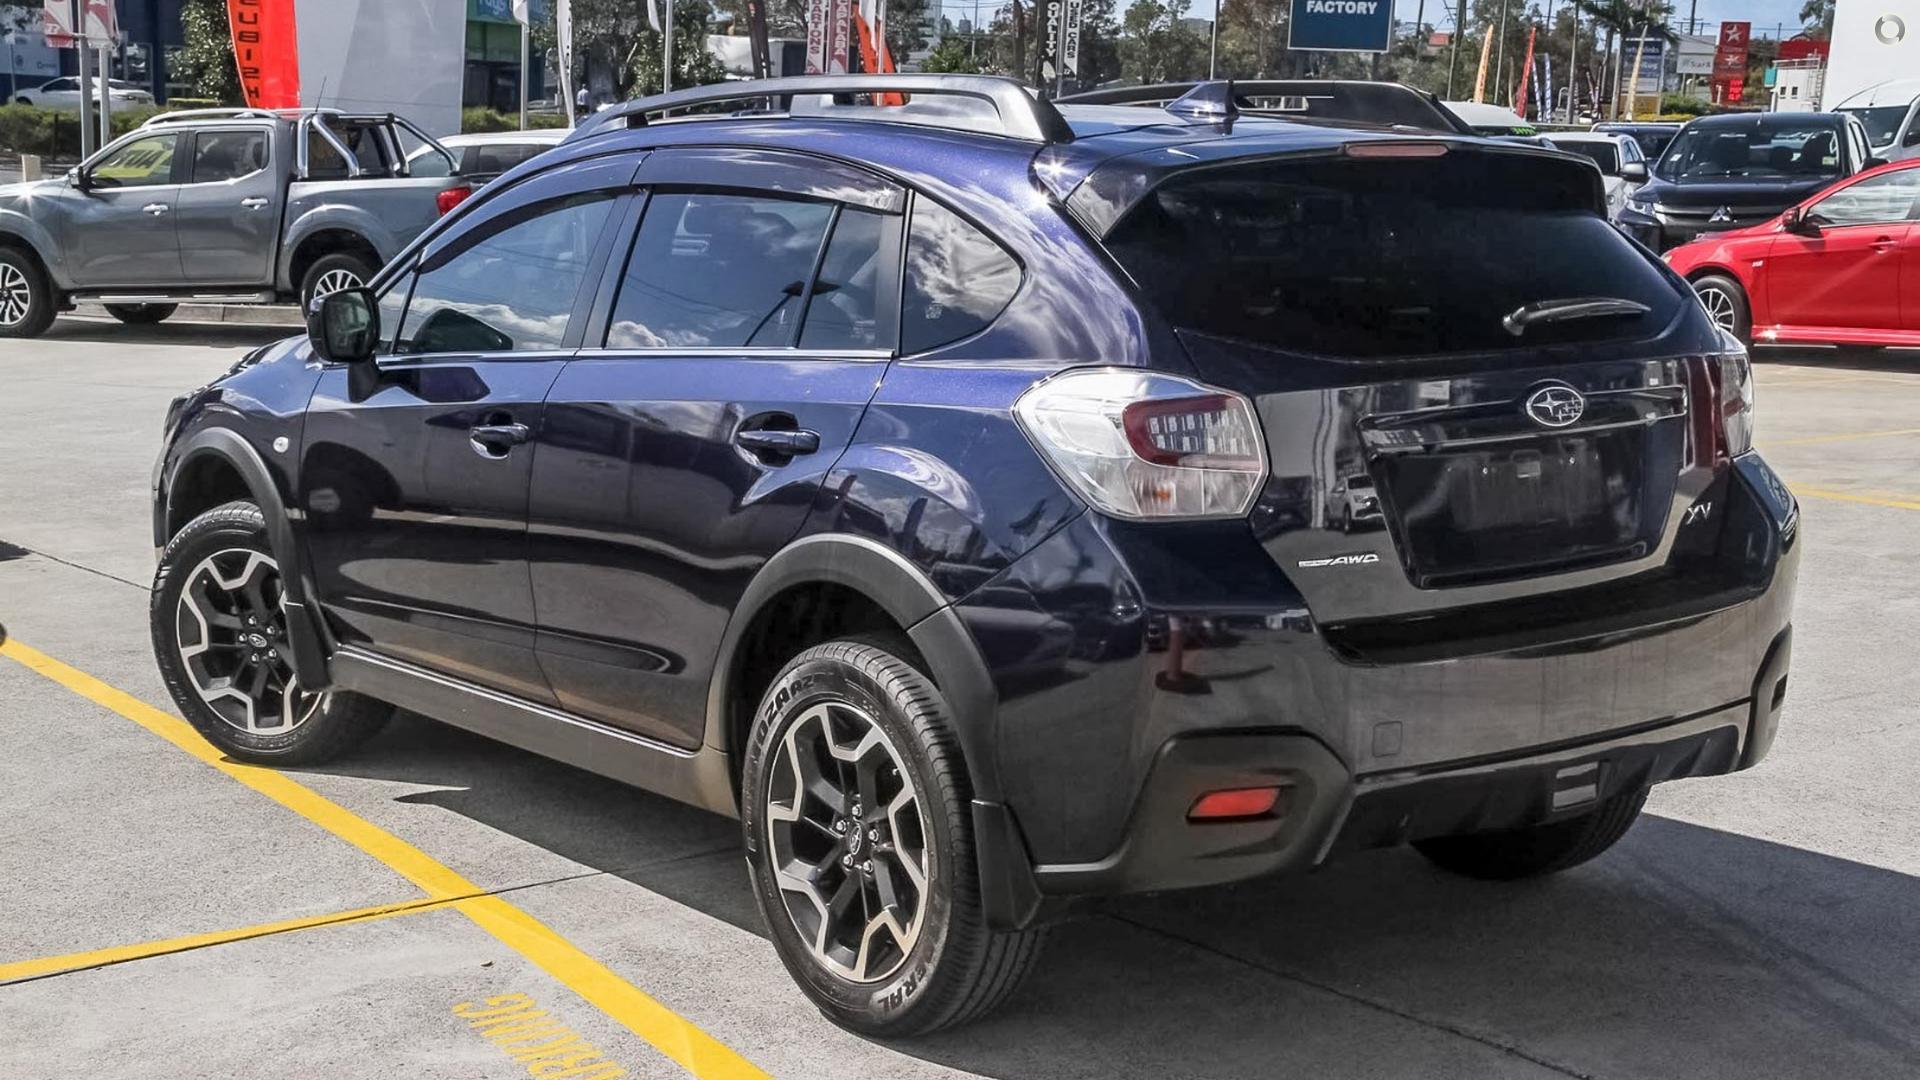 2016 Subaru Xv 2.0i-L G4X